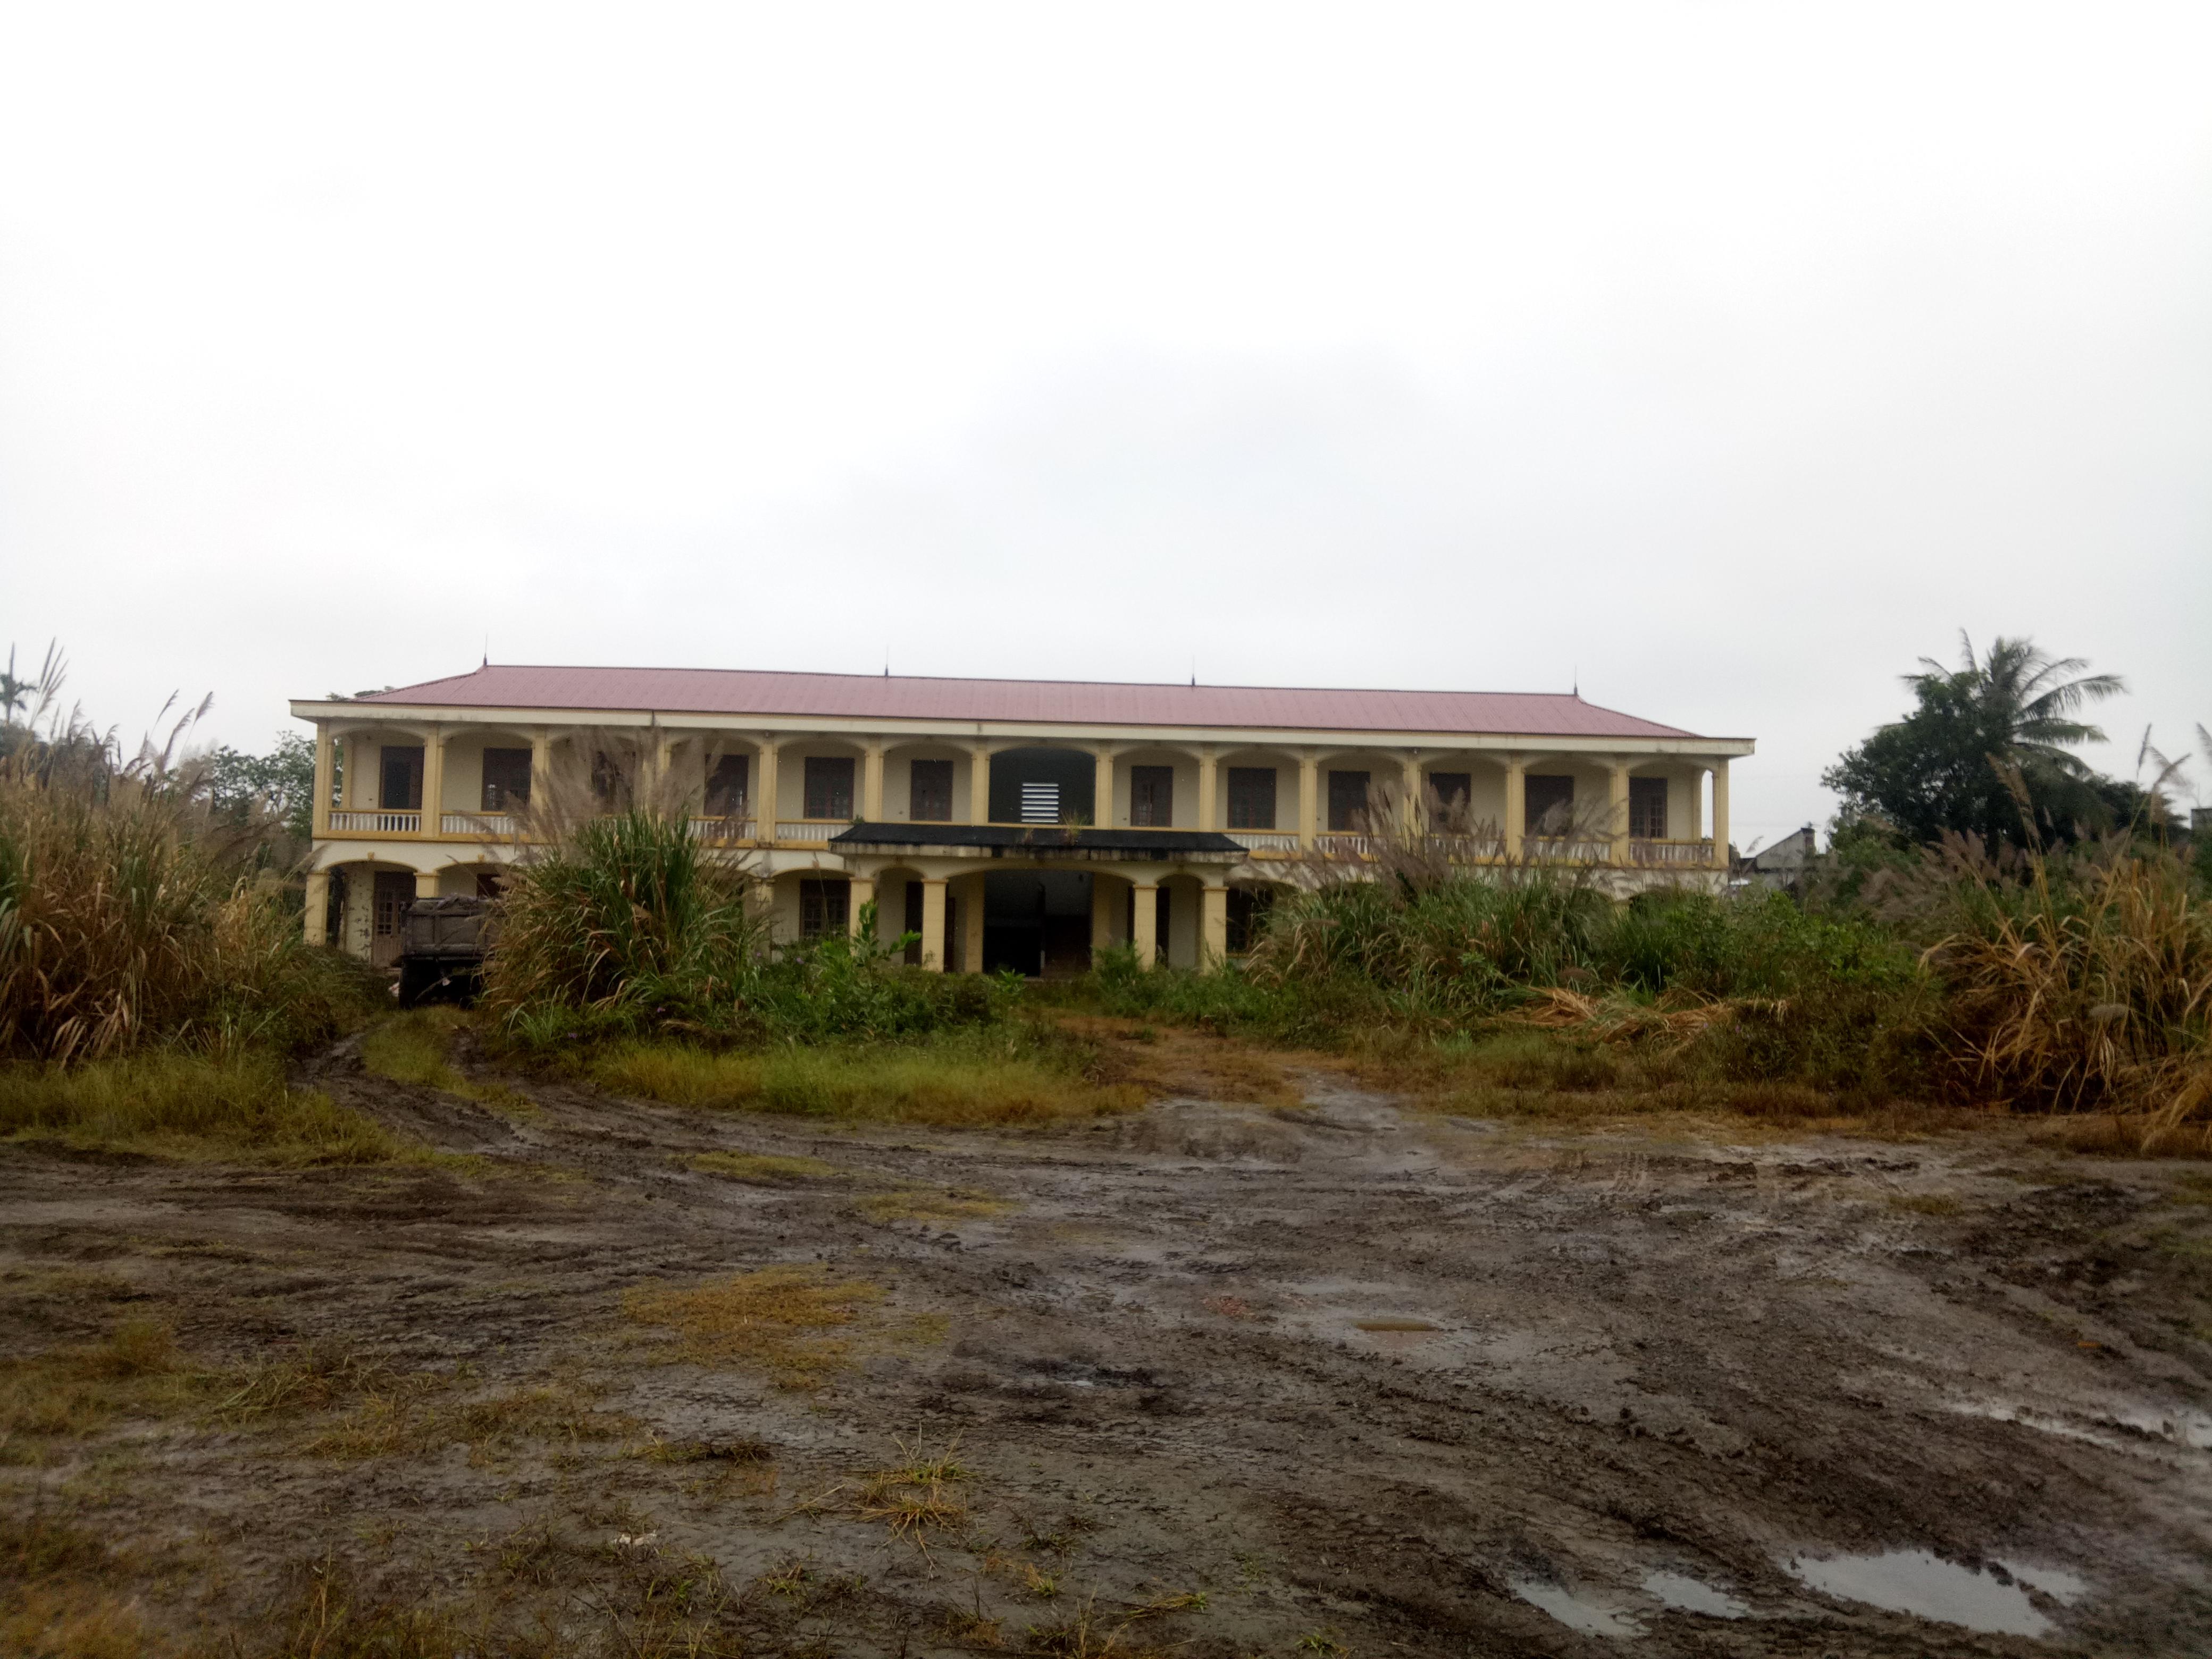 Năm 2011, UBND huyện Gia Viễn triển khai xây dựng cơ sở mới cho Trung tâm Dạy nghề của huyện với tổng số vốn đầu tư hơn 9 tỷ đồng tại thị trấn Me (Gia Viễn) trên diện tích hơn 1ha. Đơn vị được chọn để thi công là Công ty Xây dựng TNHH Hà Lĩnh (huyện Gia Viễn).